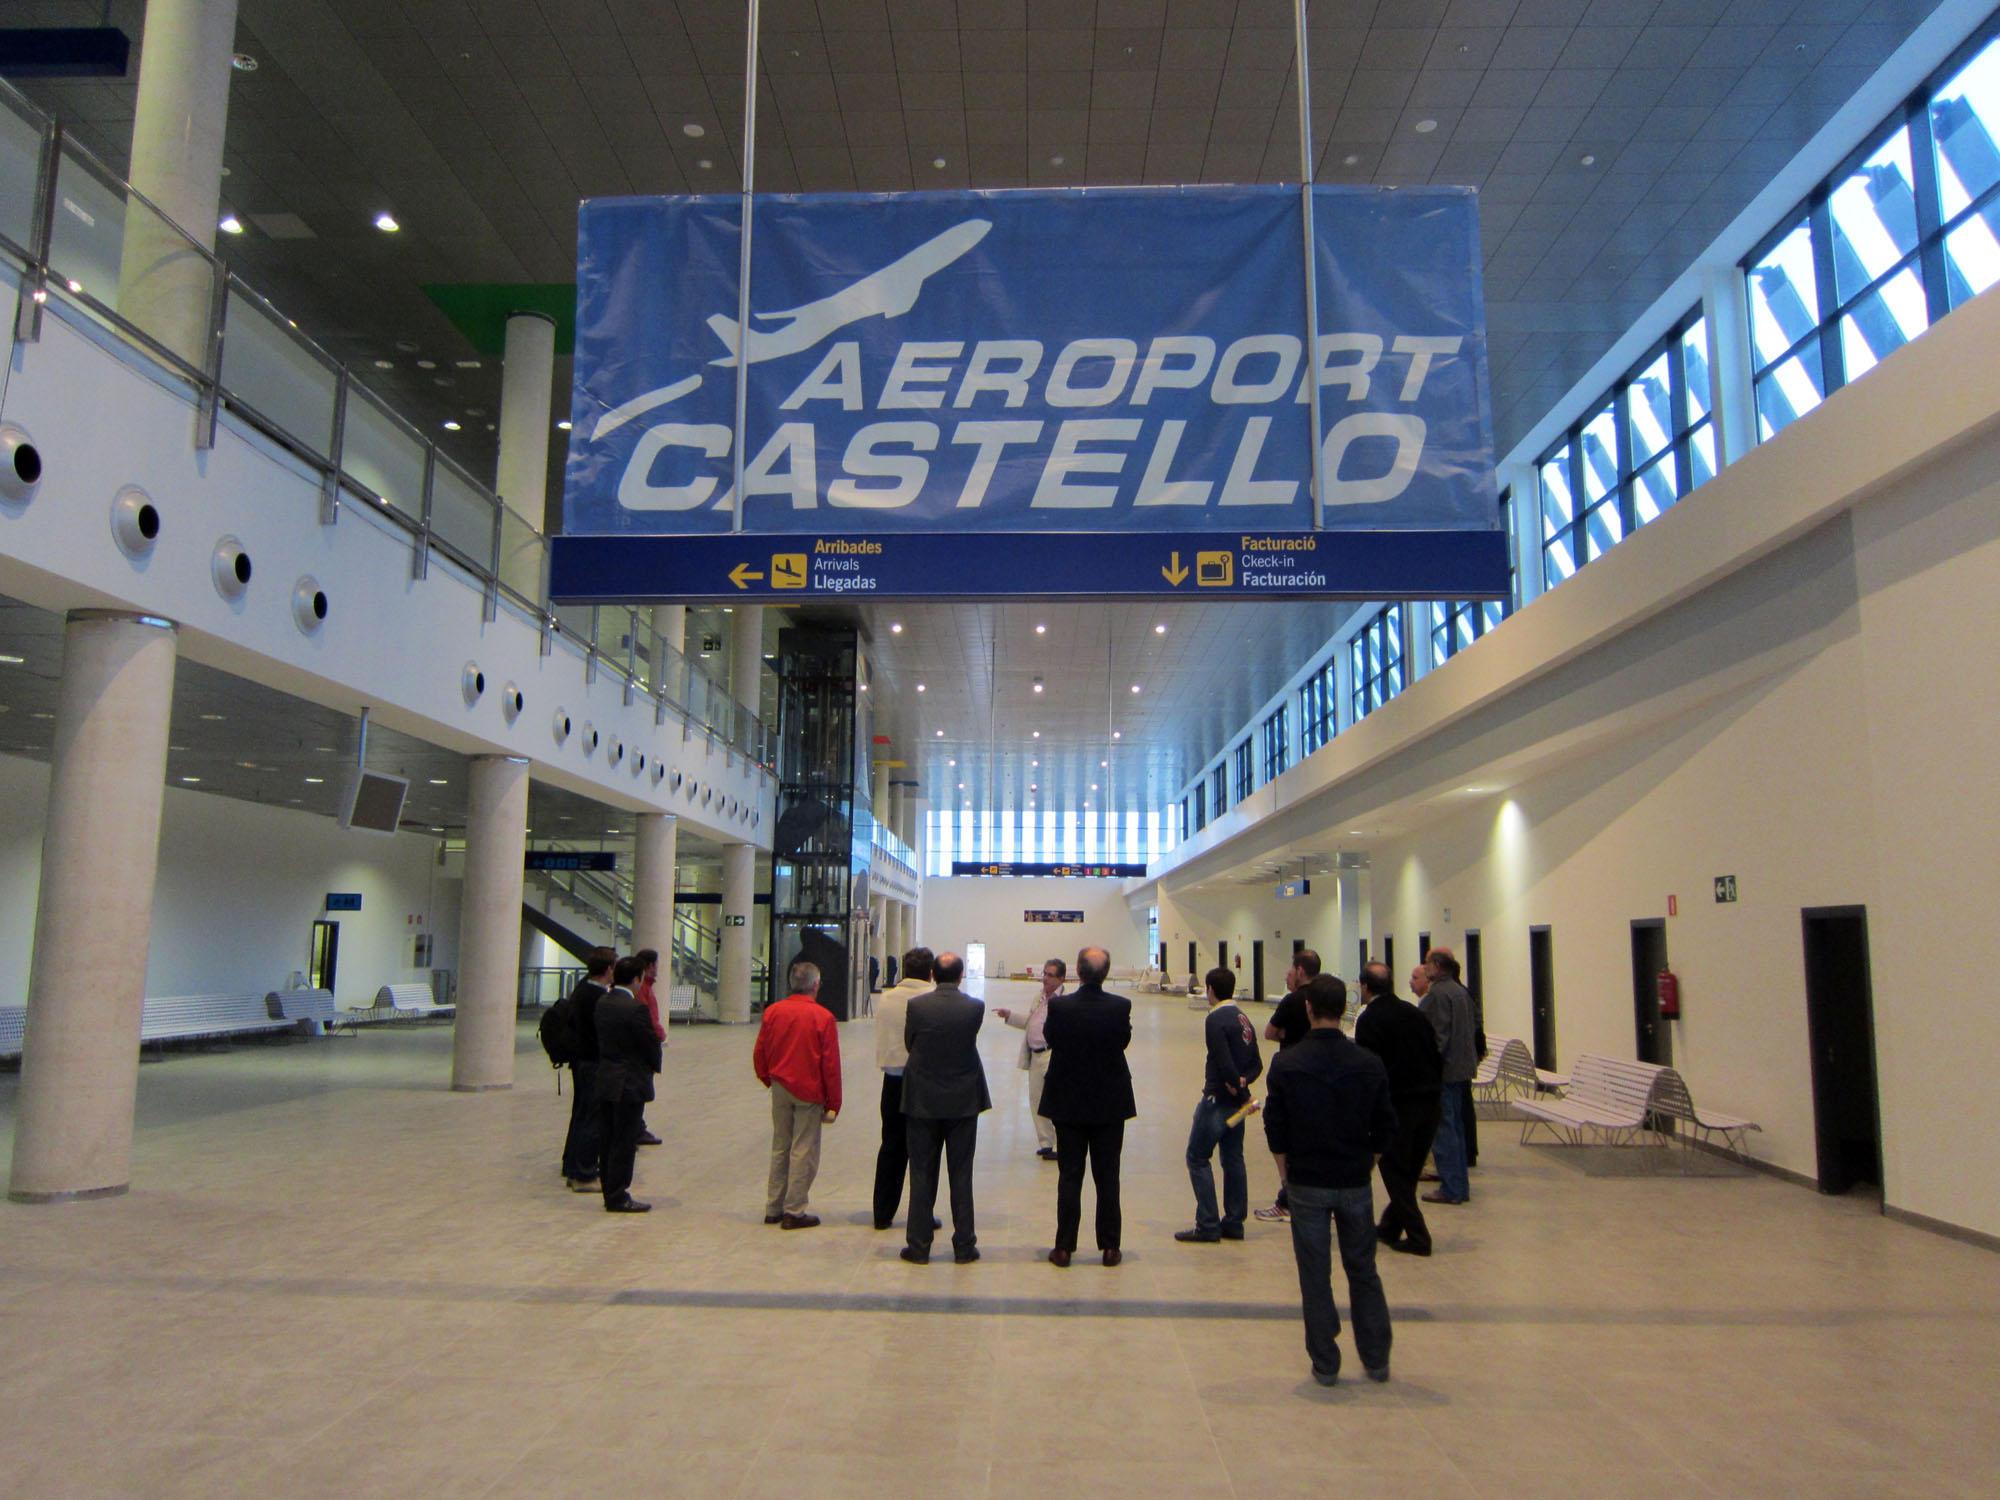 Se han llegado a construir aeropuertos por los que aún no han pasado ni 60 personas